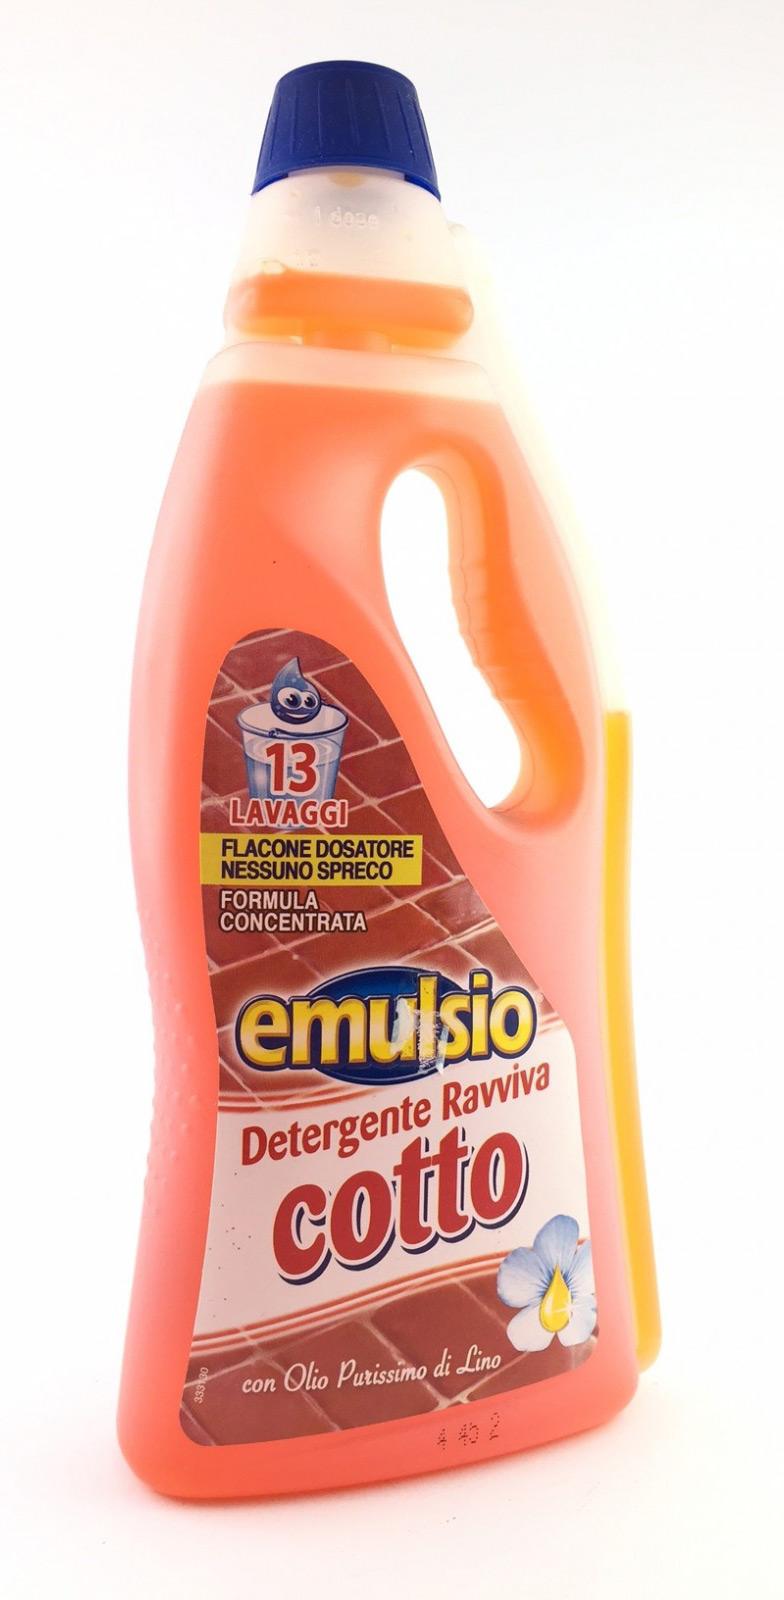 EMULSIO DETERGENTE RAVVIVA COTTO 750 ML